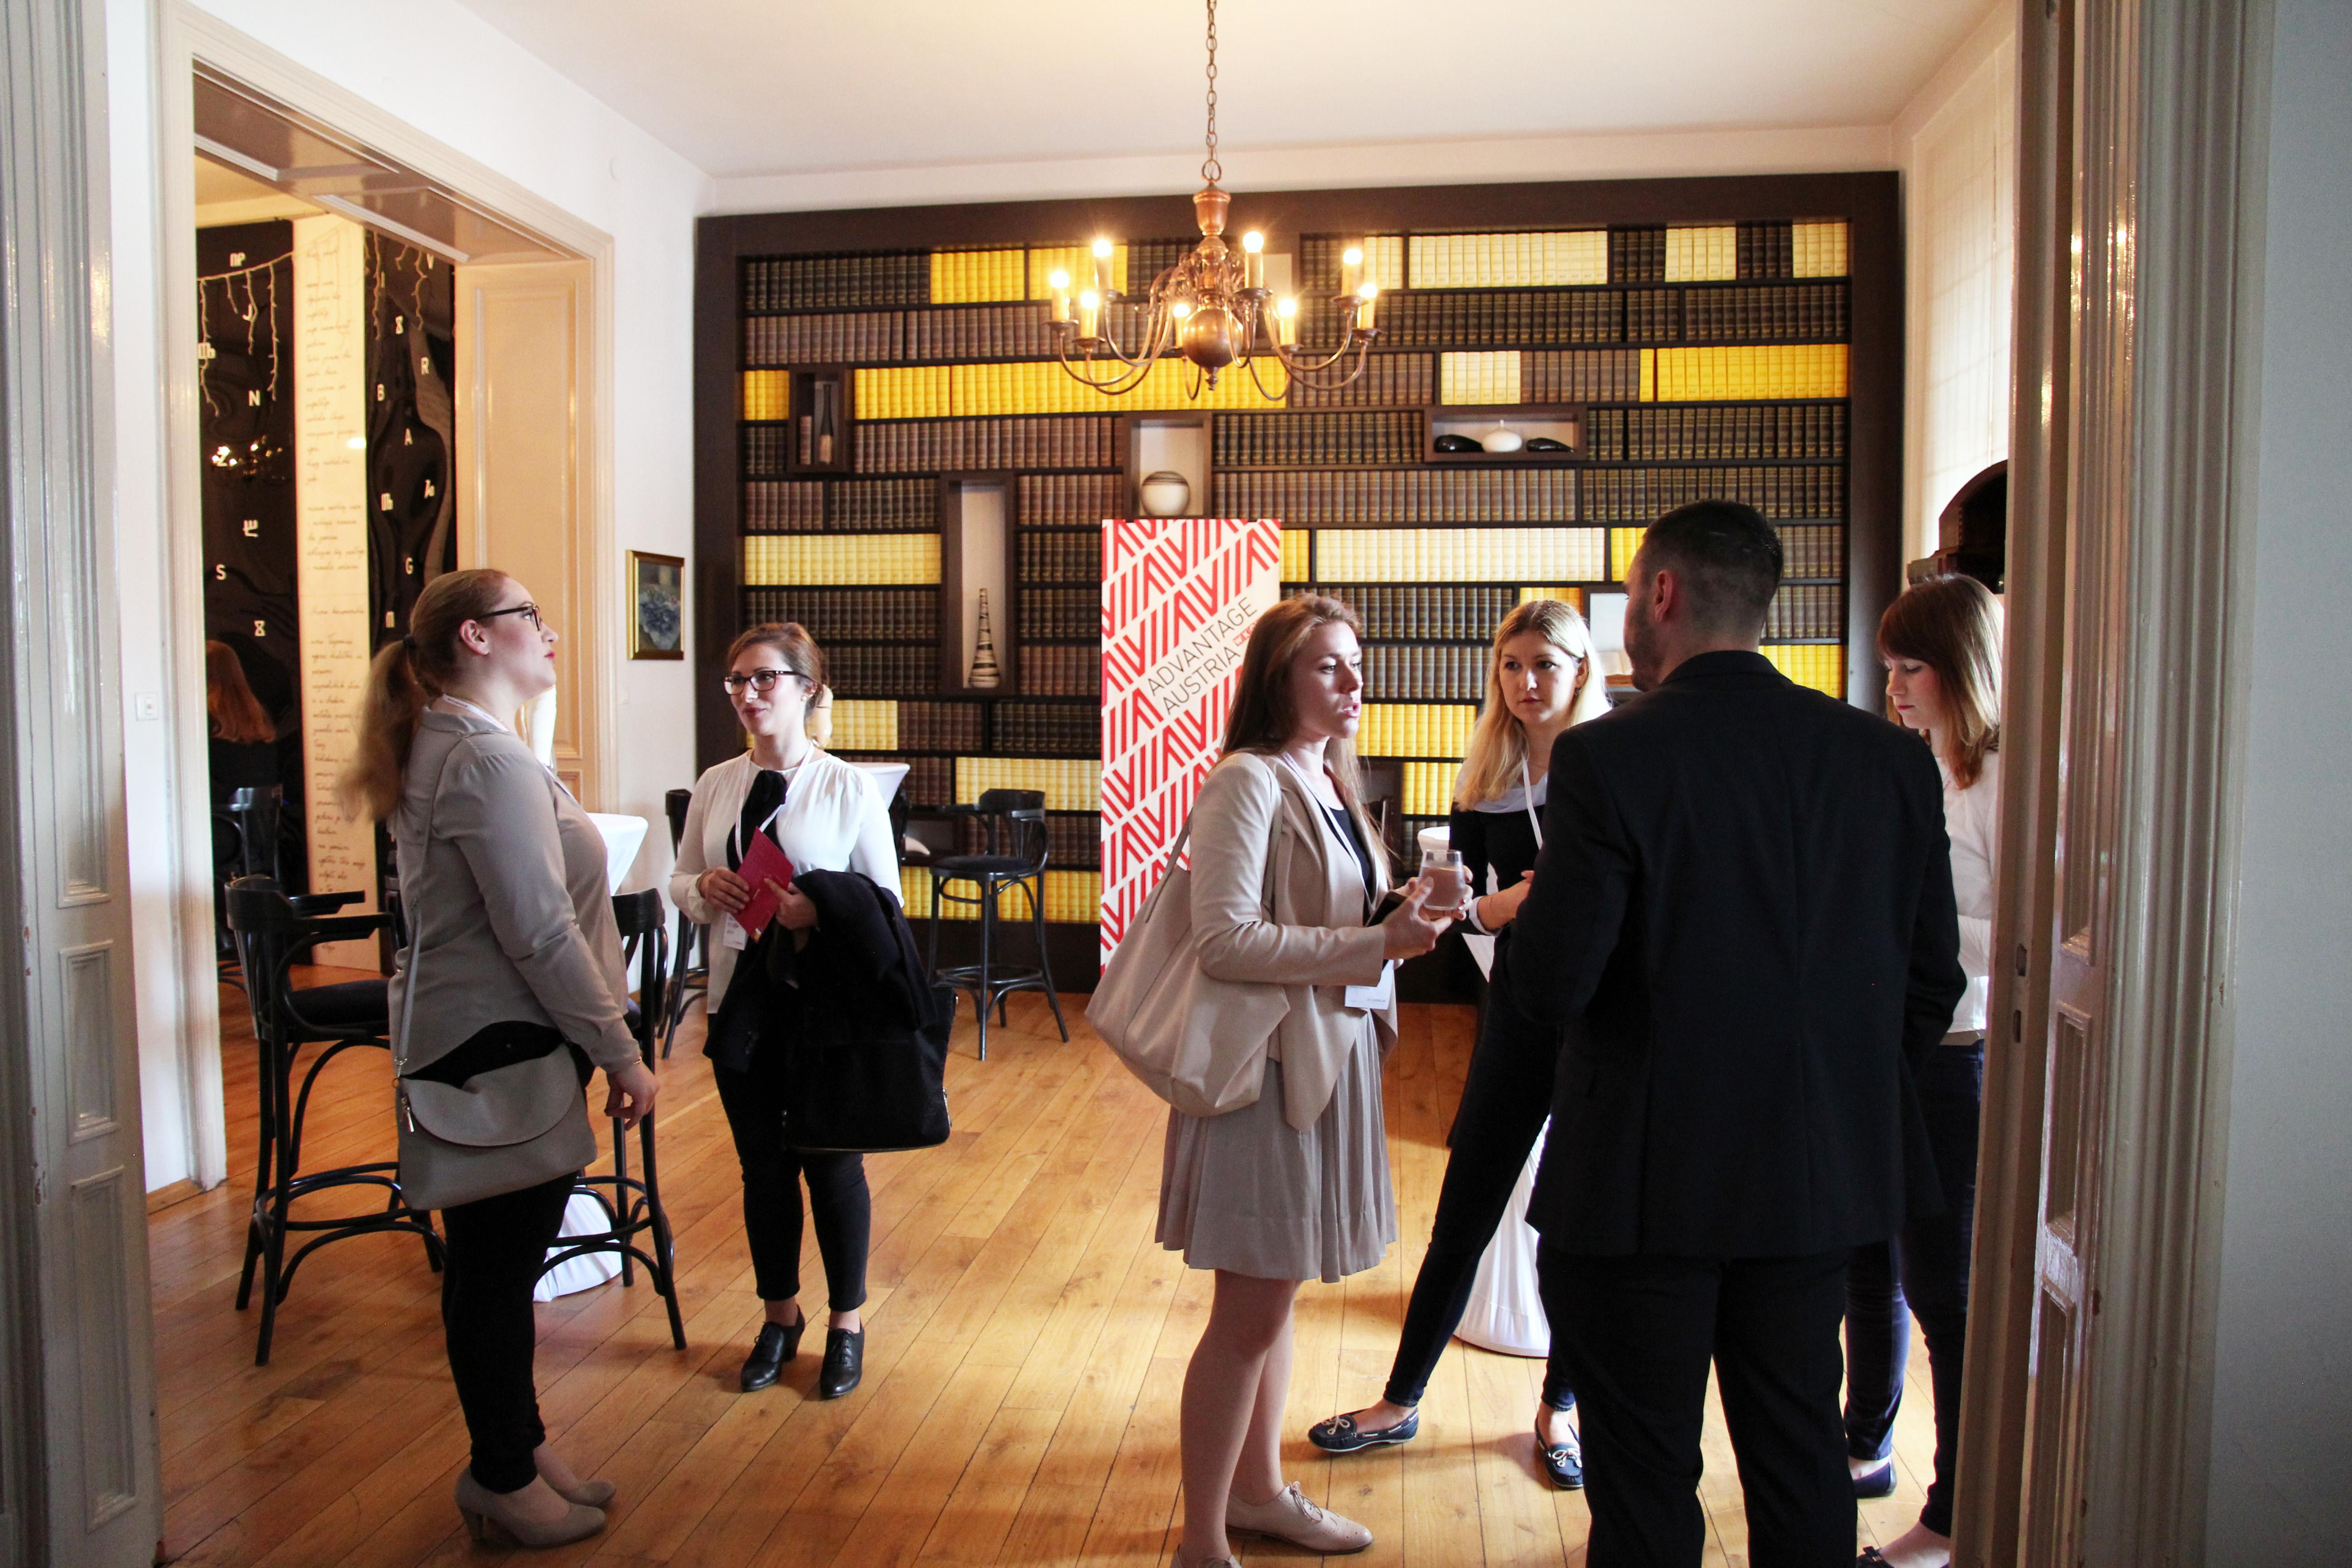 Vernetzung steht bei Chaptern im Mittelpunkt – eine erste Gelegenheit dazu gab es bei der feierlichen Eröffnung in Zagreb.